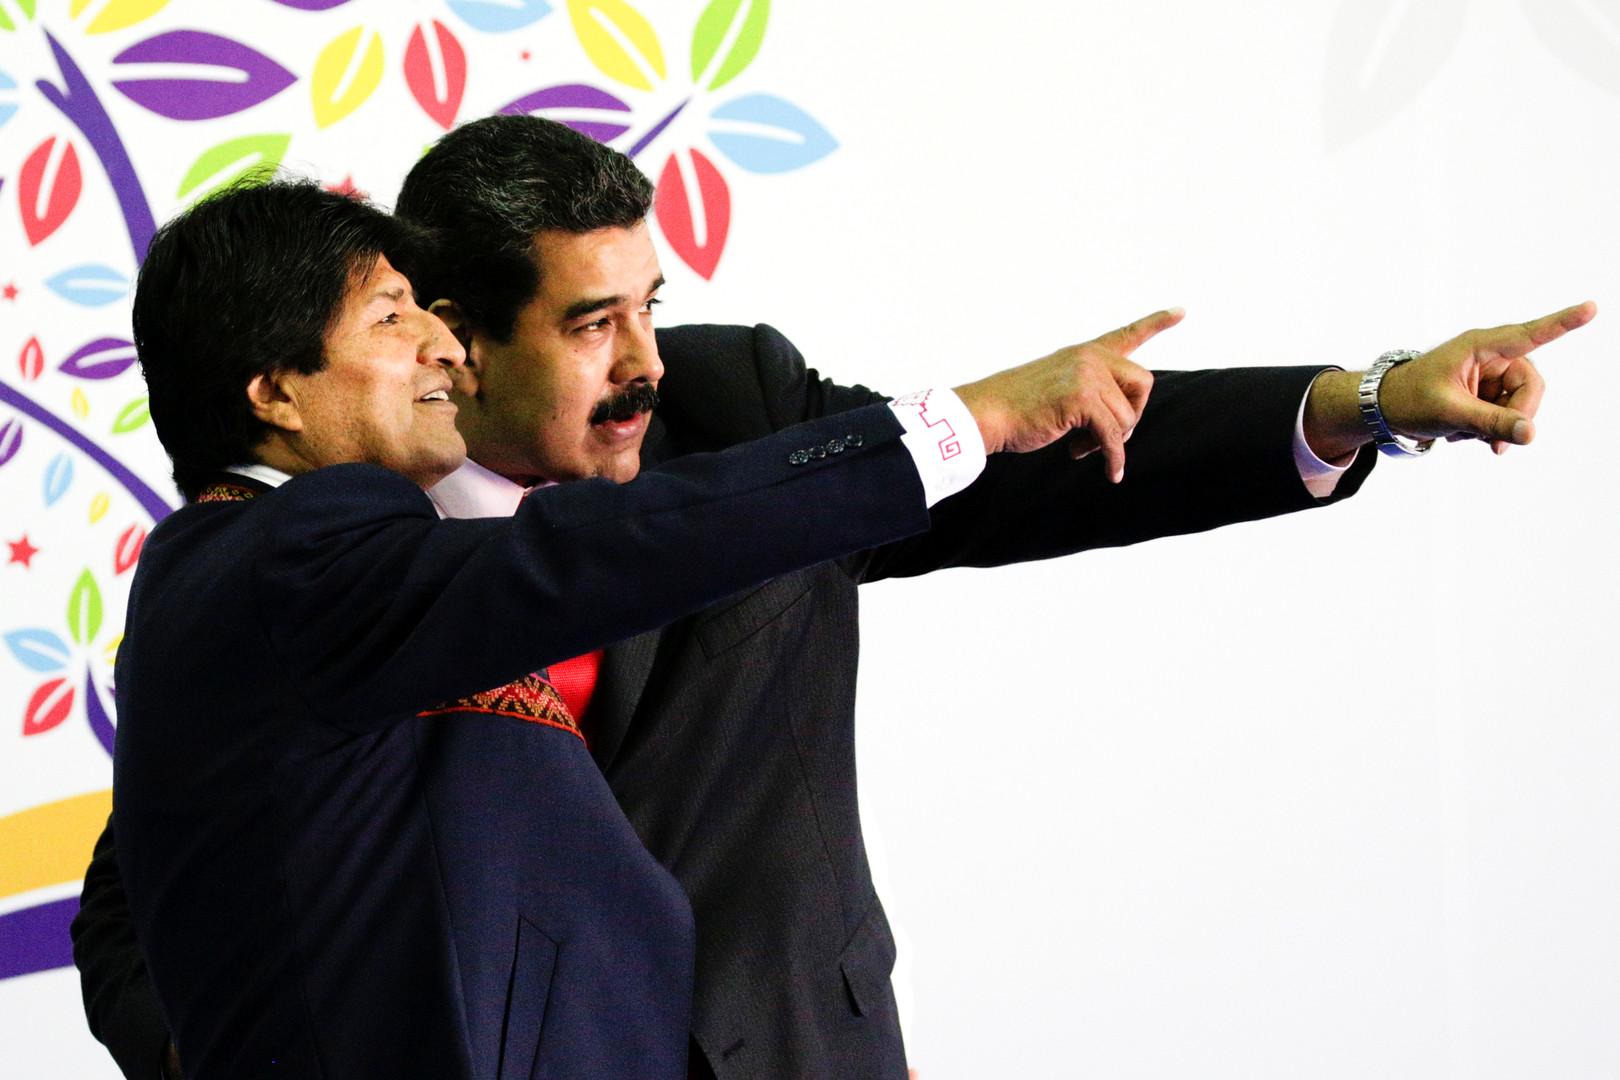 Der bolivianische Präsident Evo Morales und sein venezolanischer Gastgeber Nicolás Maduro auf dem Treffen der Blockfreien Bewegung.